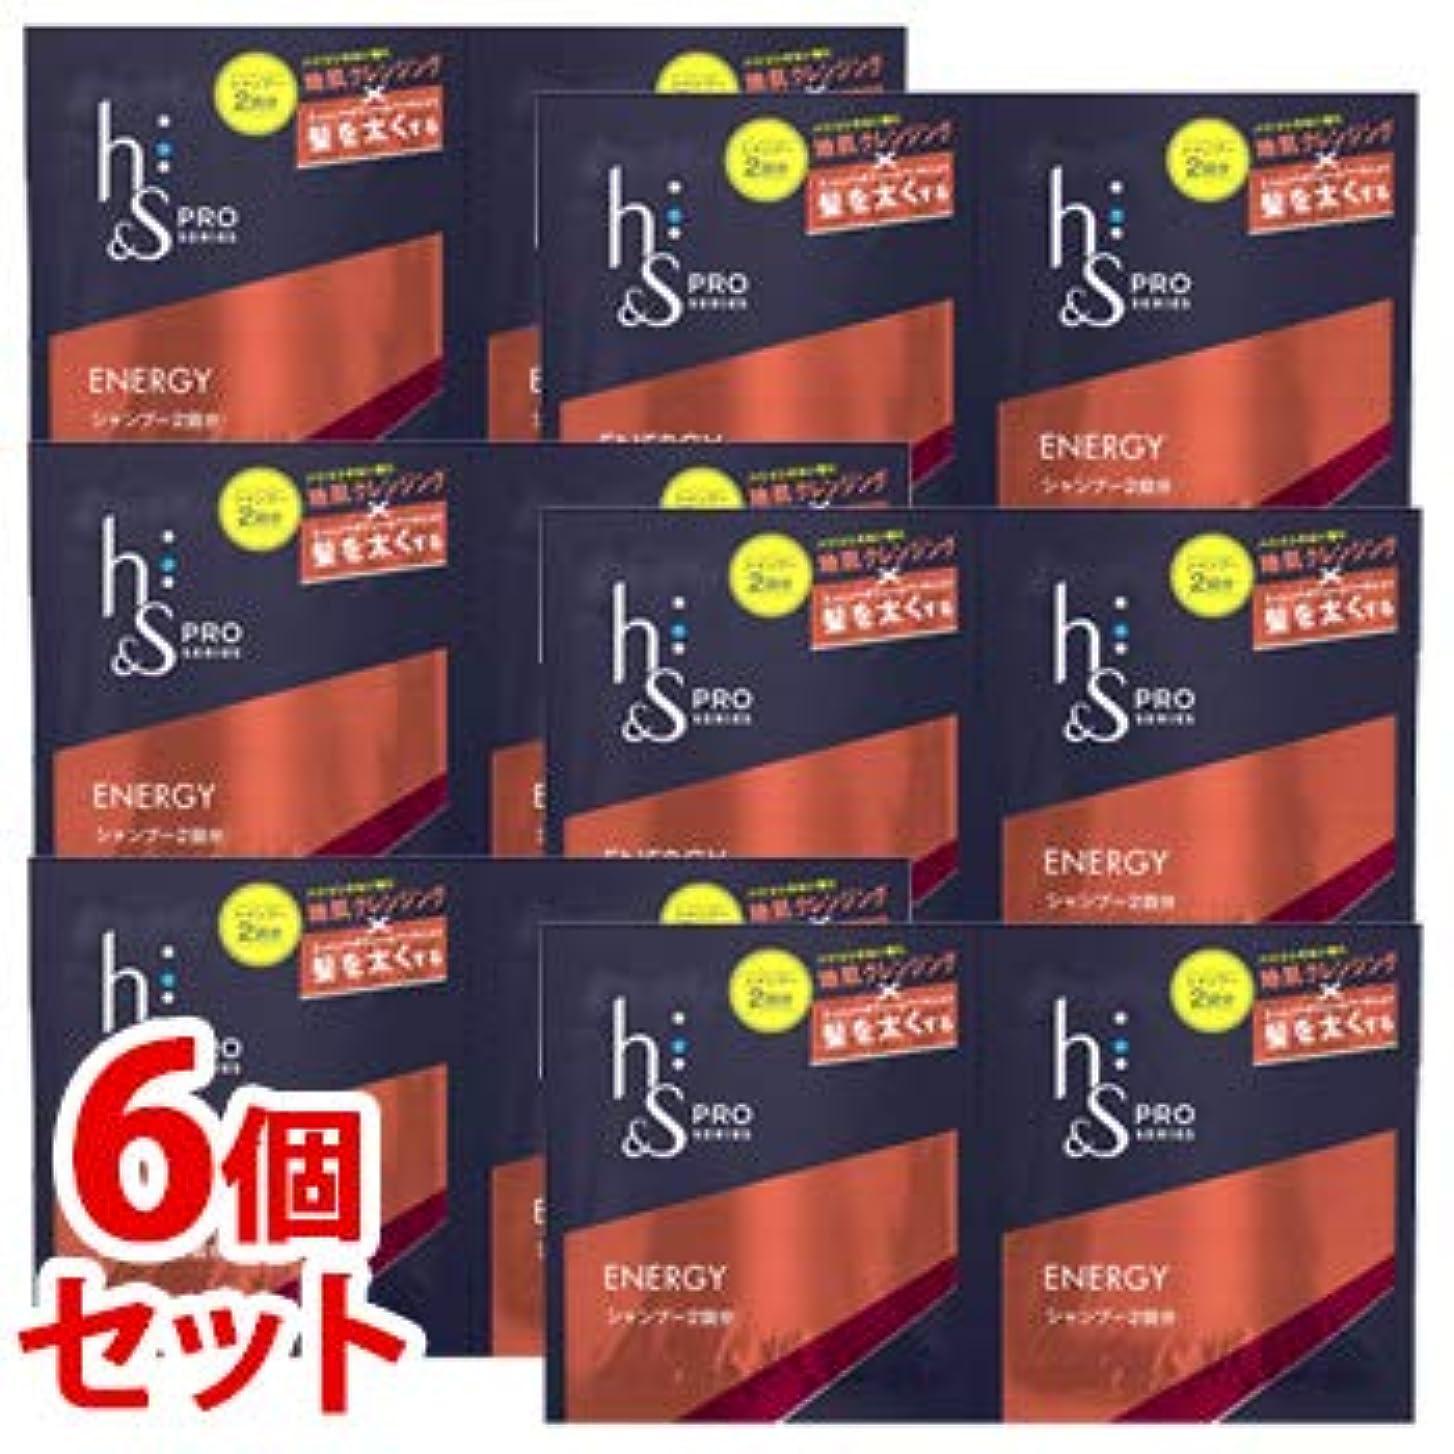 経験者うん海賊《セット販売》 P&G エイチアンドエス h&s フォーメン プロシリーズ エナジー シャンプー トライアルサシェ 2回分 (12mL×2個)×6個セット 【医薬部外品】